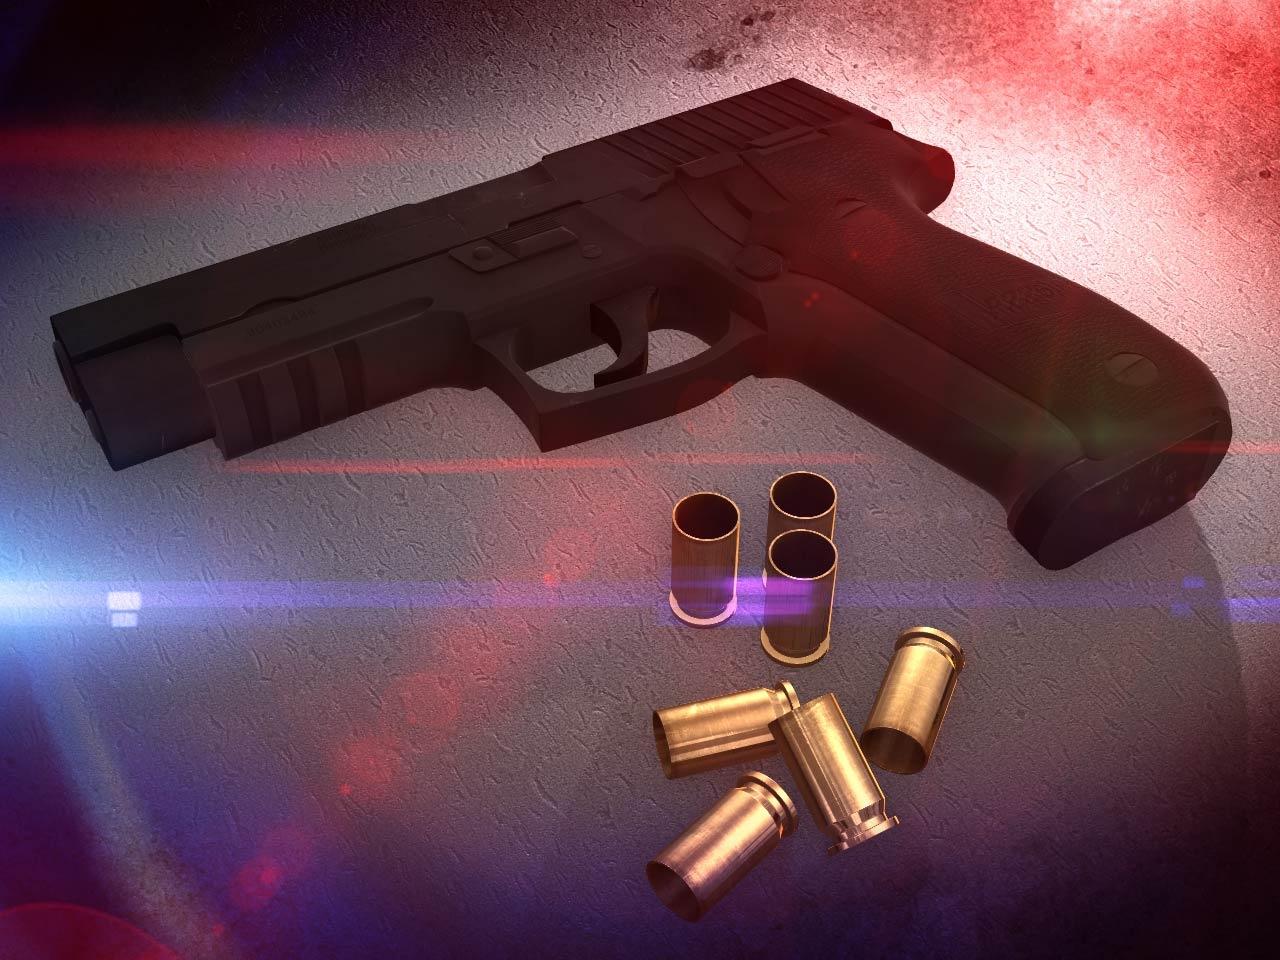 gun_2_1554760185276.jpg